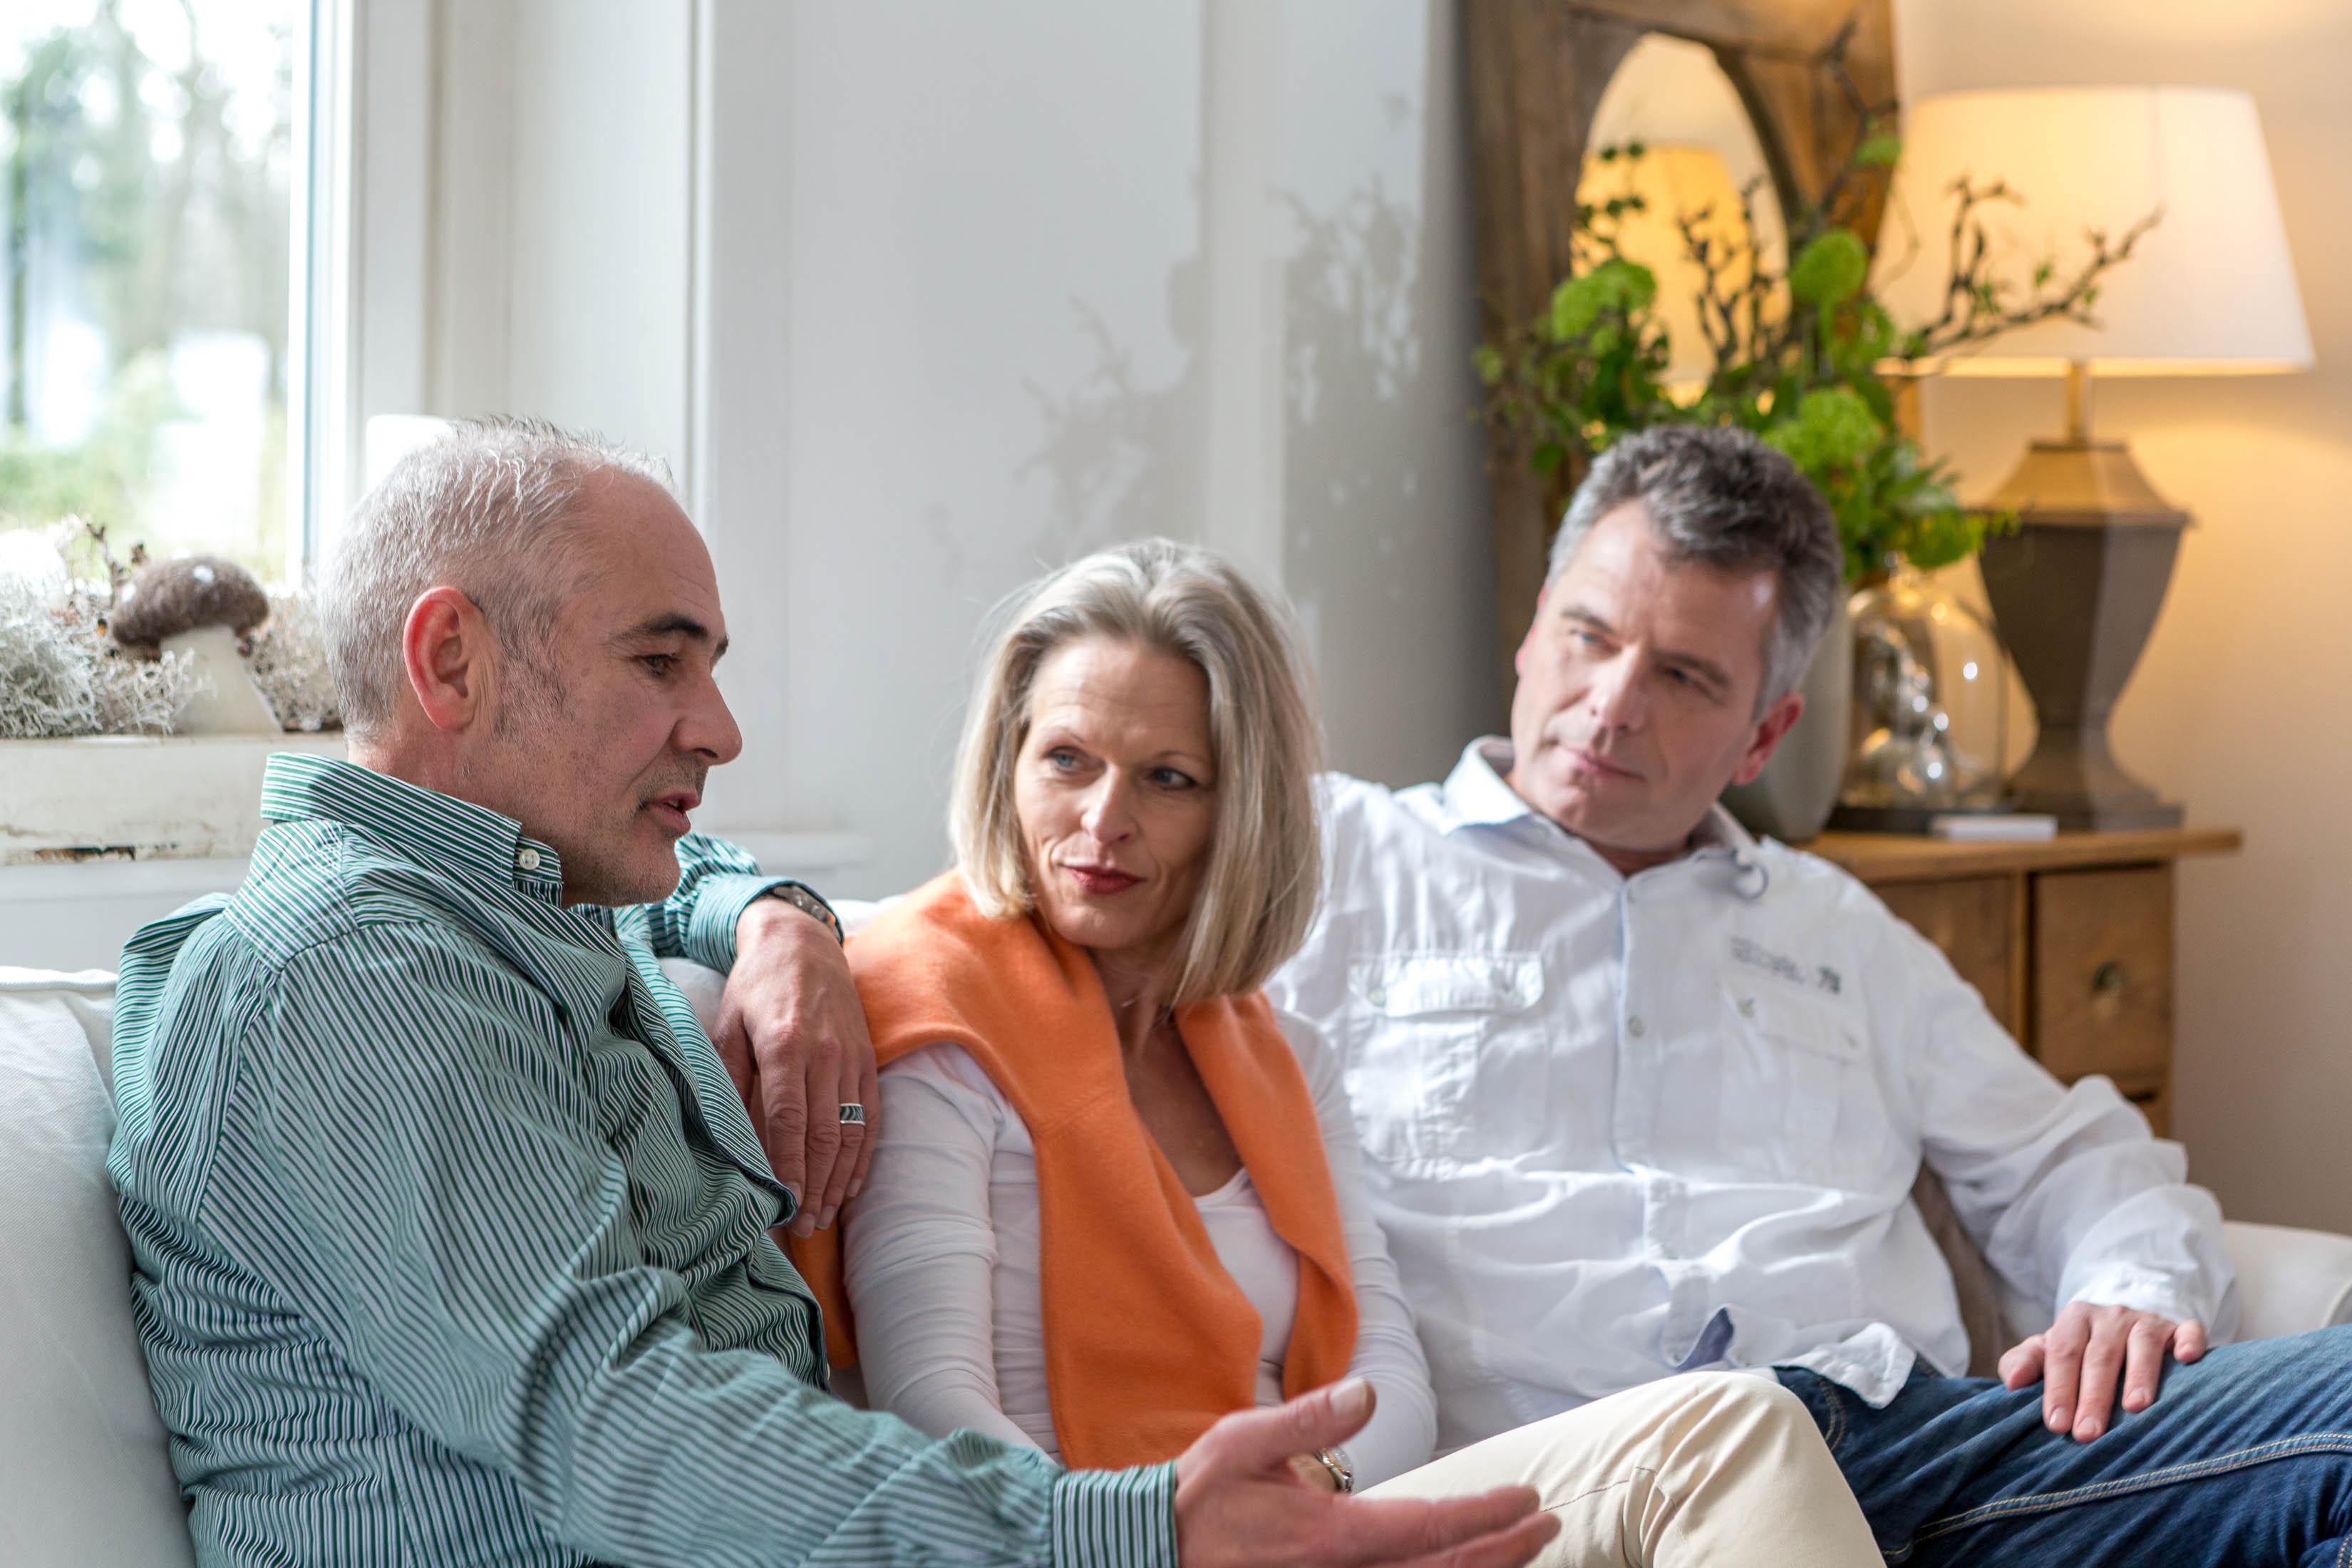 Woche des Hörens 2019  gemeinsam besser hören: bei Hördefiziten sind auch die Mitmenschen gefragt.